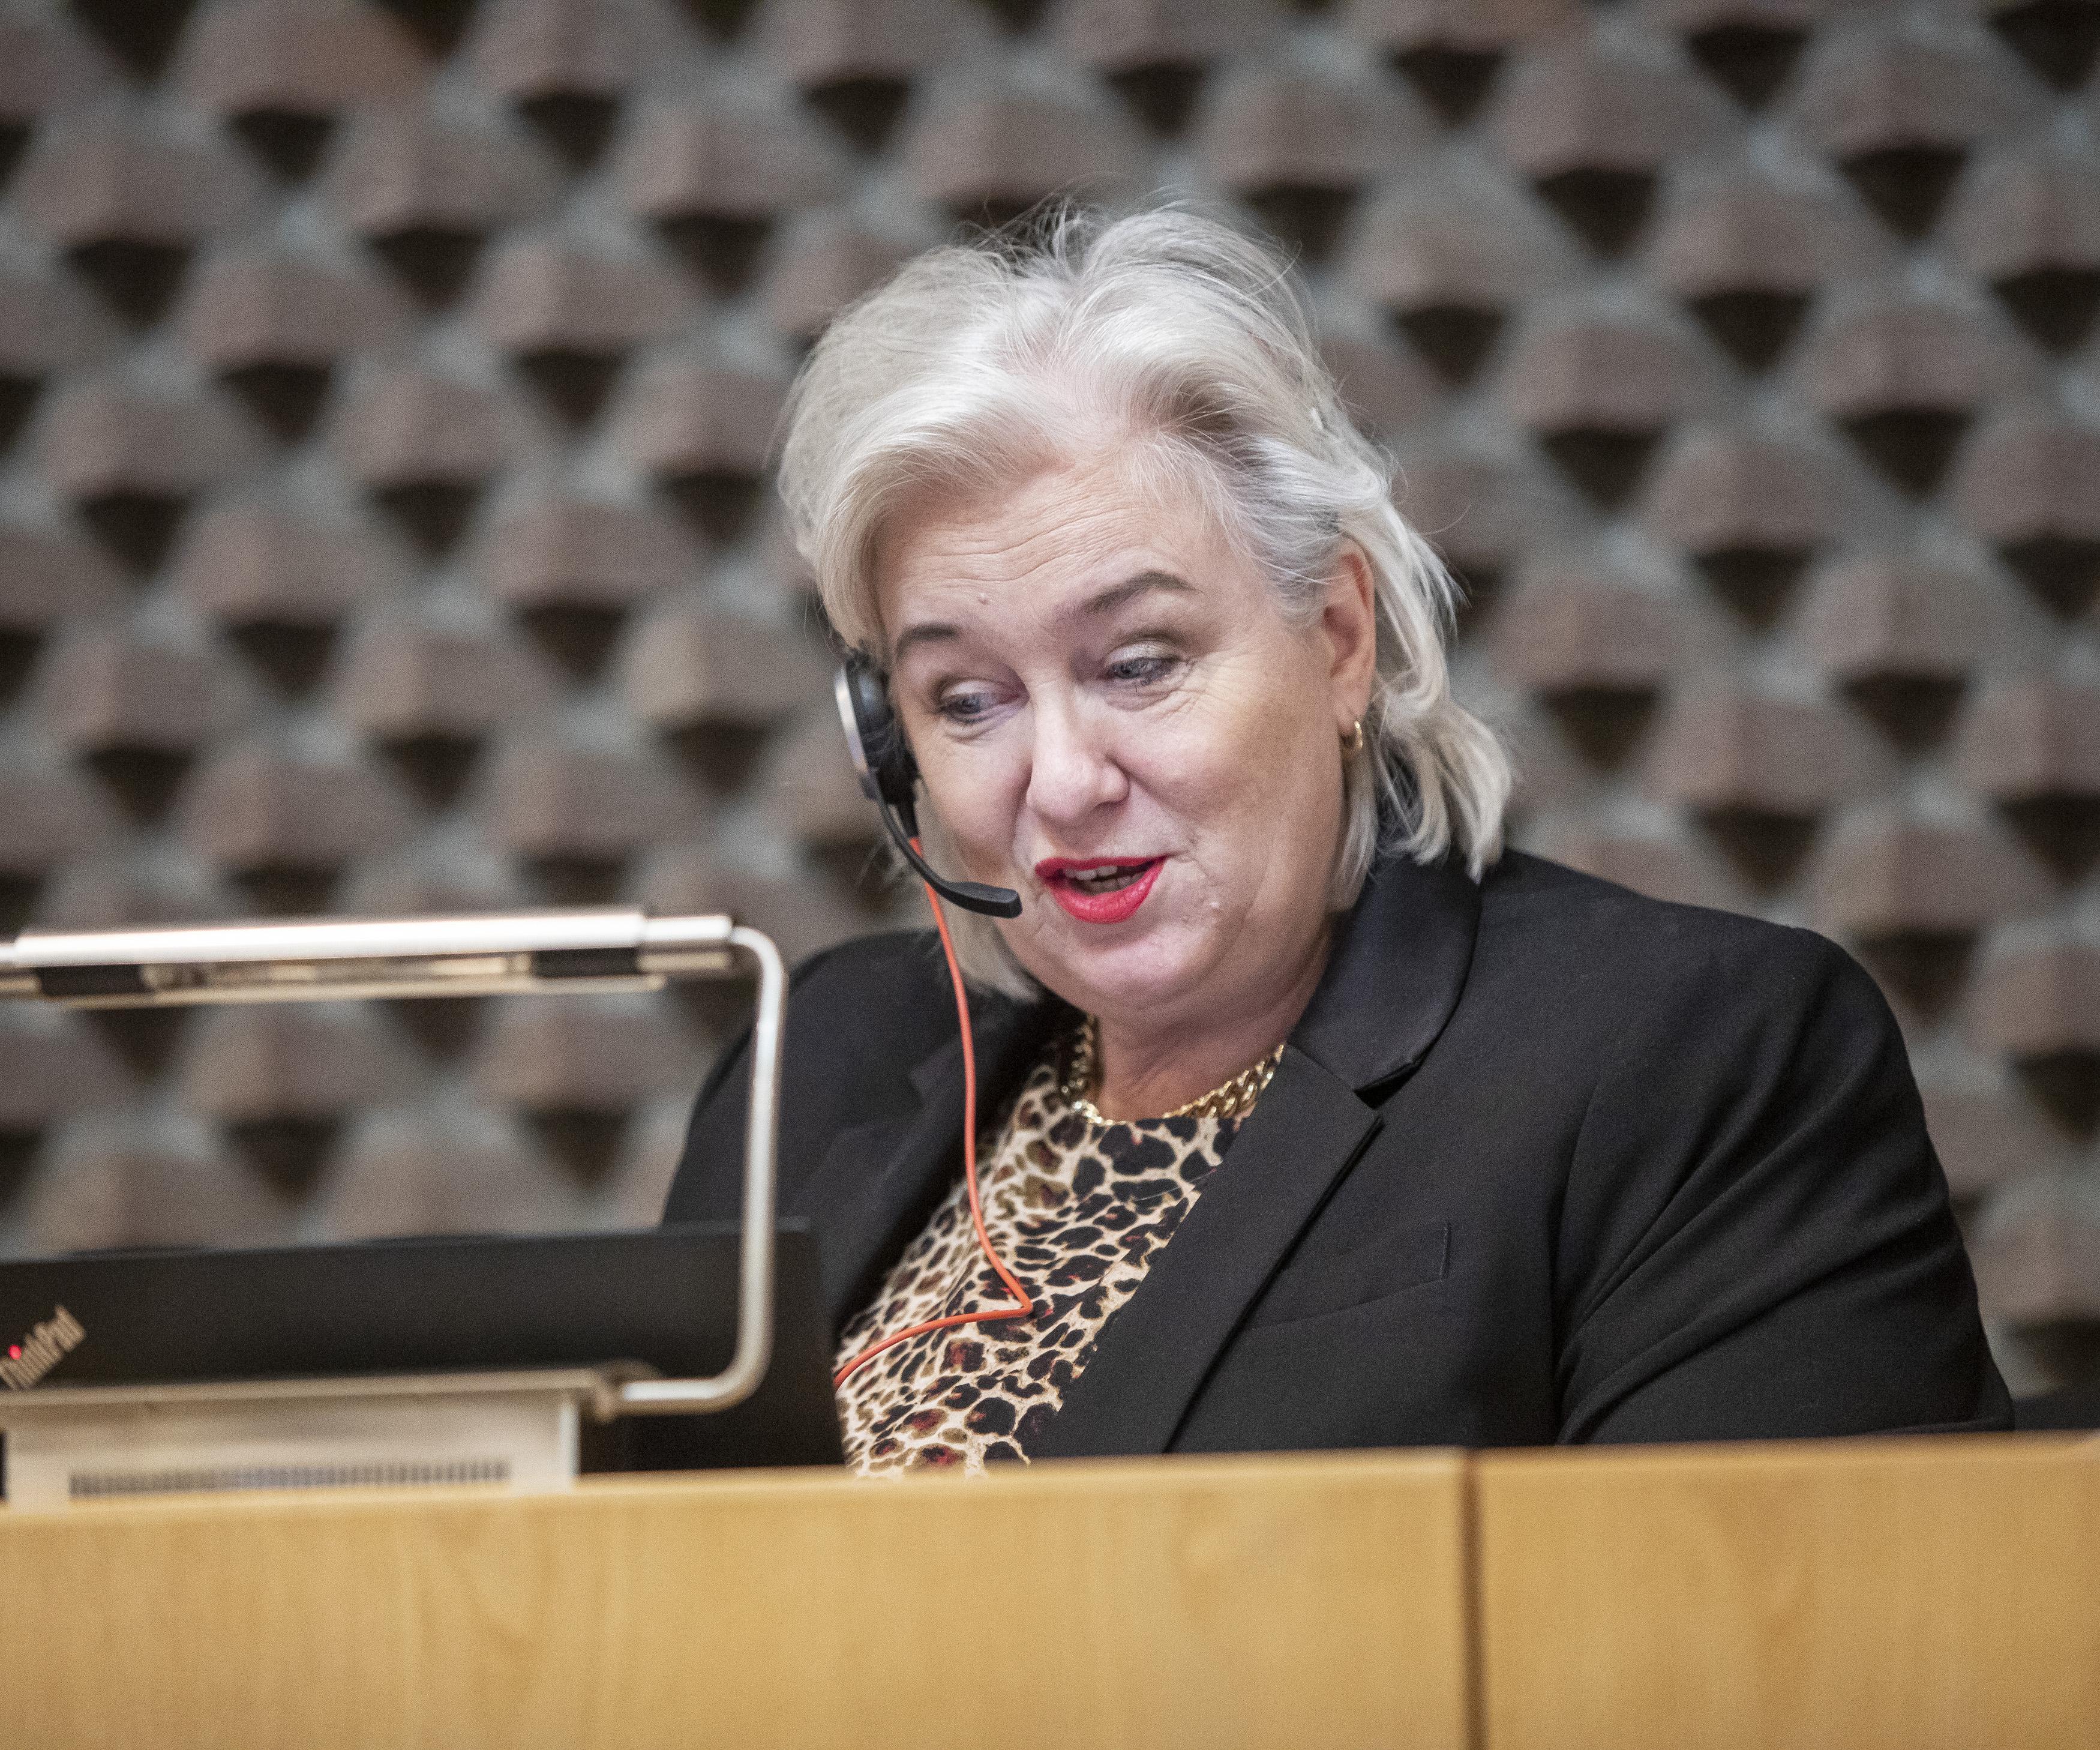 Burgemeester Haarlemmermeer over aanval op handhavers: 'Laf en buitenprotortioneel'